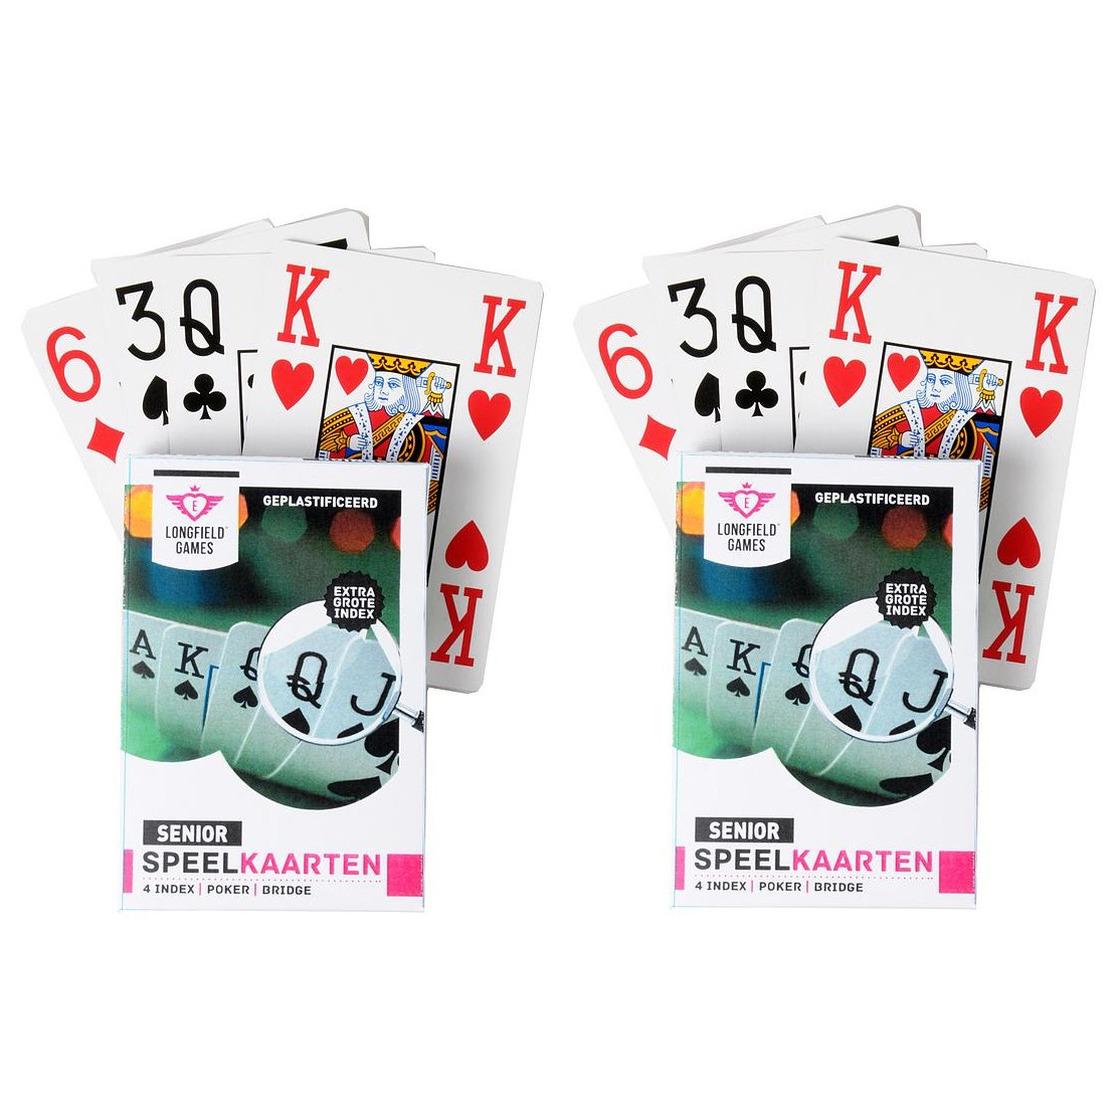 2x senioren speelkaarten plastic poker bridge kaartspel